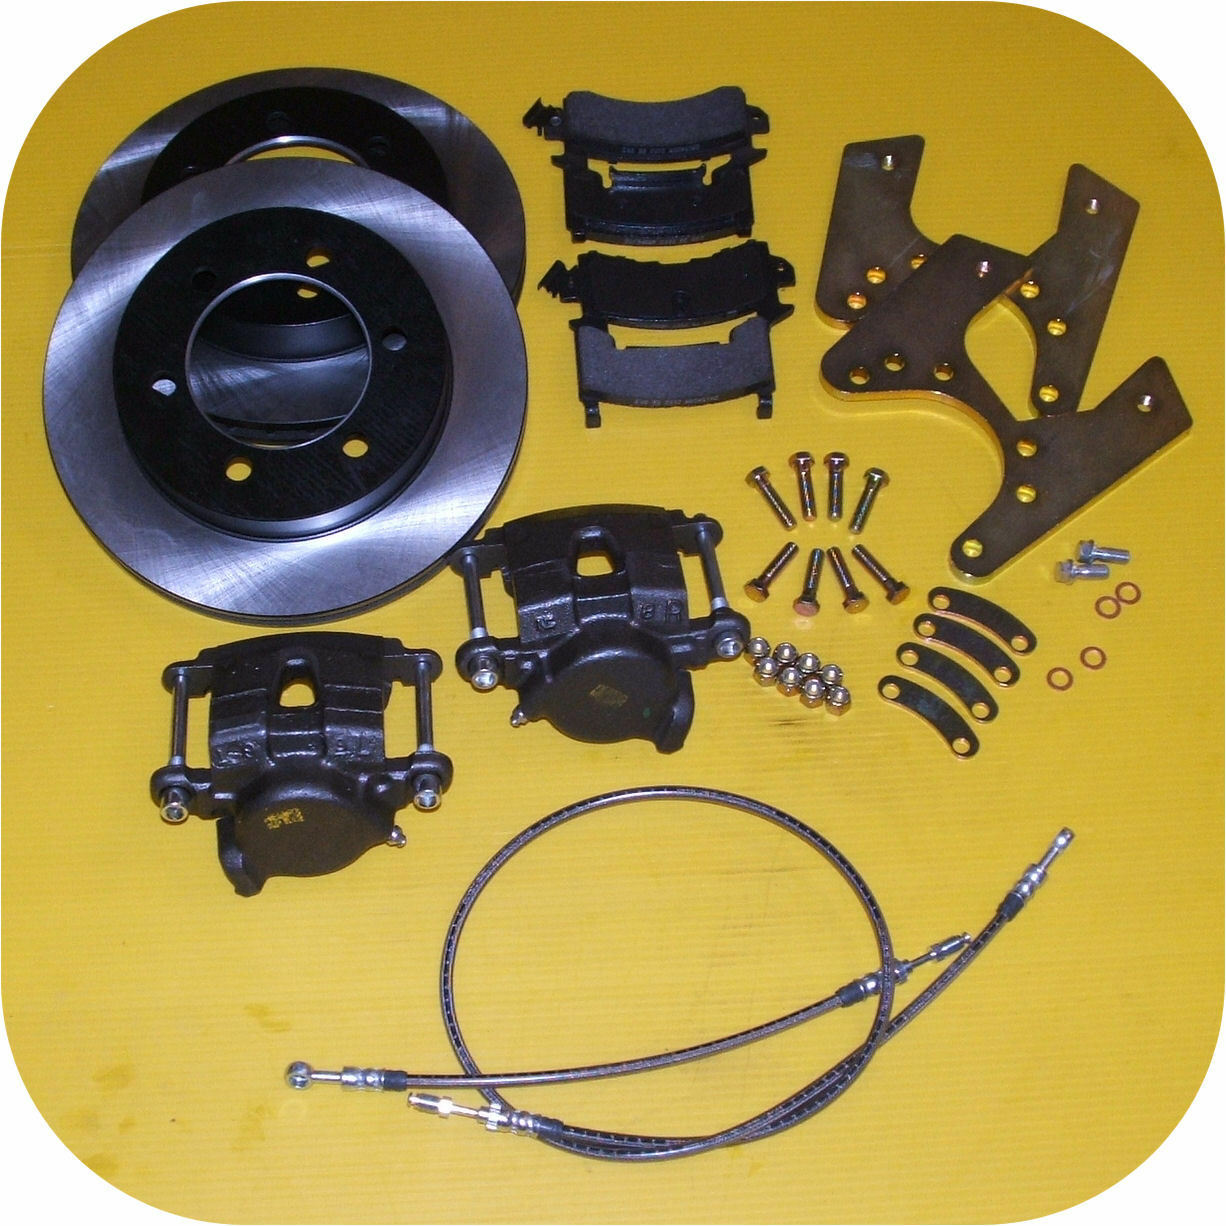 For Toyota Landcruiser HJ45 BJ40 Series Brake Spring Kit pre 80